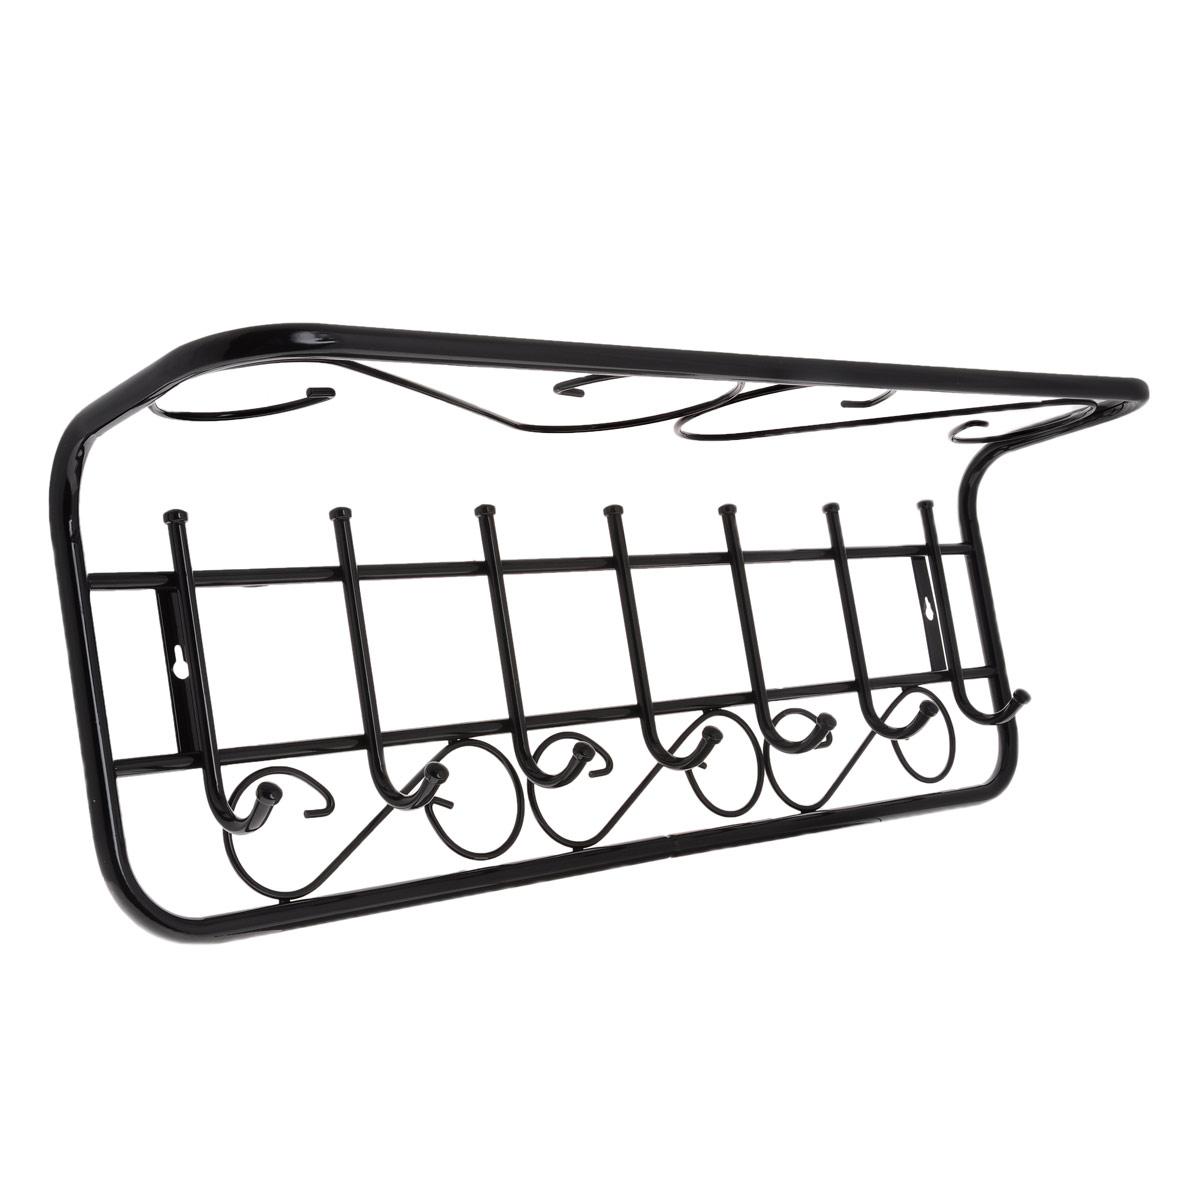 Вешалка настенная ЗМИ Ажур, с полкой, 7 крючковВСПА 203Металлическая вешалка с полимерным покрытием ЗМИ Ажур оснащена семью крючками для одежды и полкой, на которую можно положить головные уборы или другие аксессуары. Крепится к стене при помощи двух шурупов (не входят в комплект). Вешалка ЗМИ Ажур идеально подходит для маленьких прихожих и ограниченных пространств.